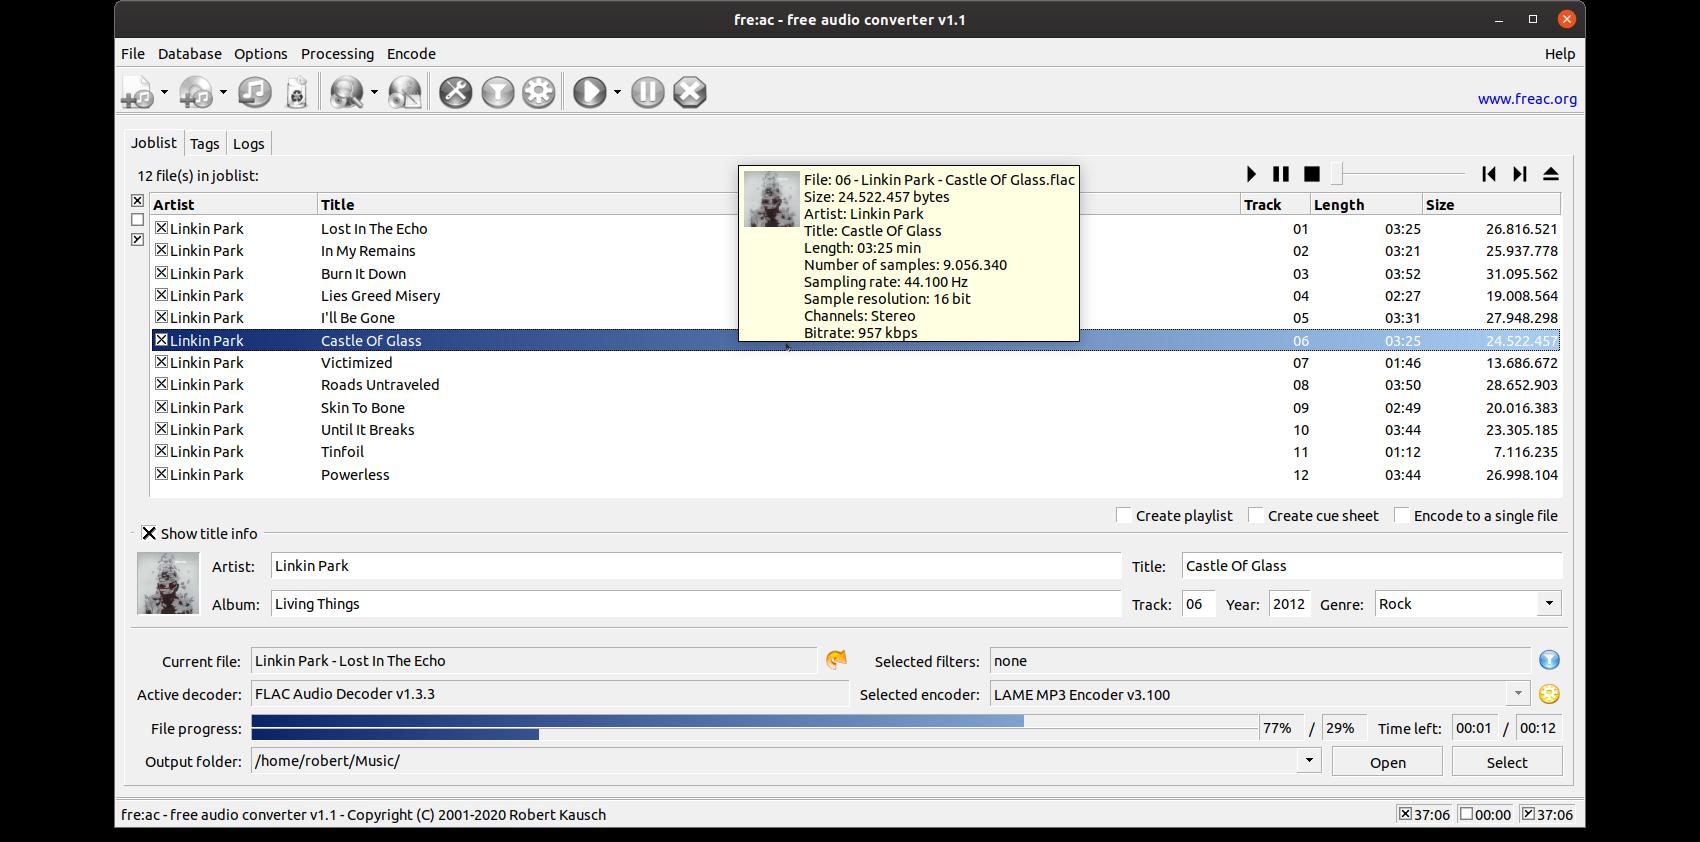 fre:ac on Ubuntu Linux